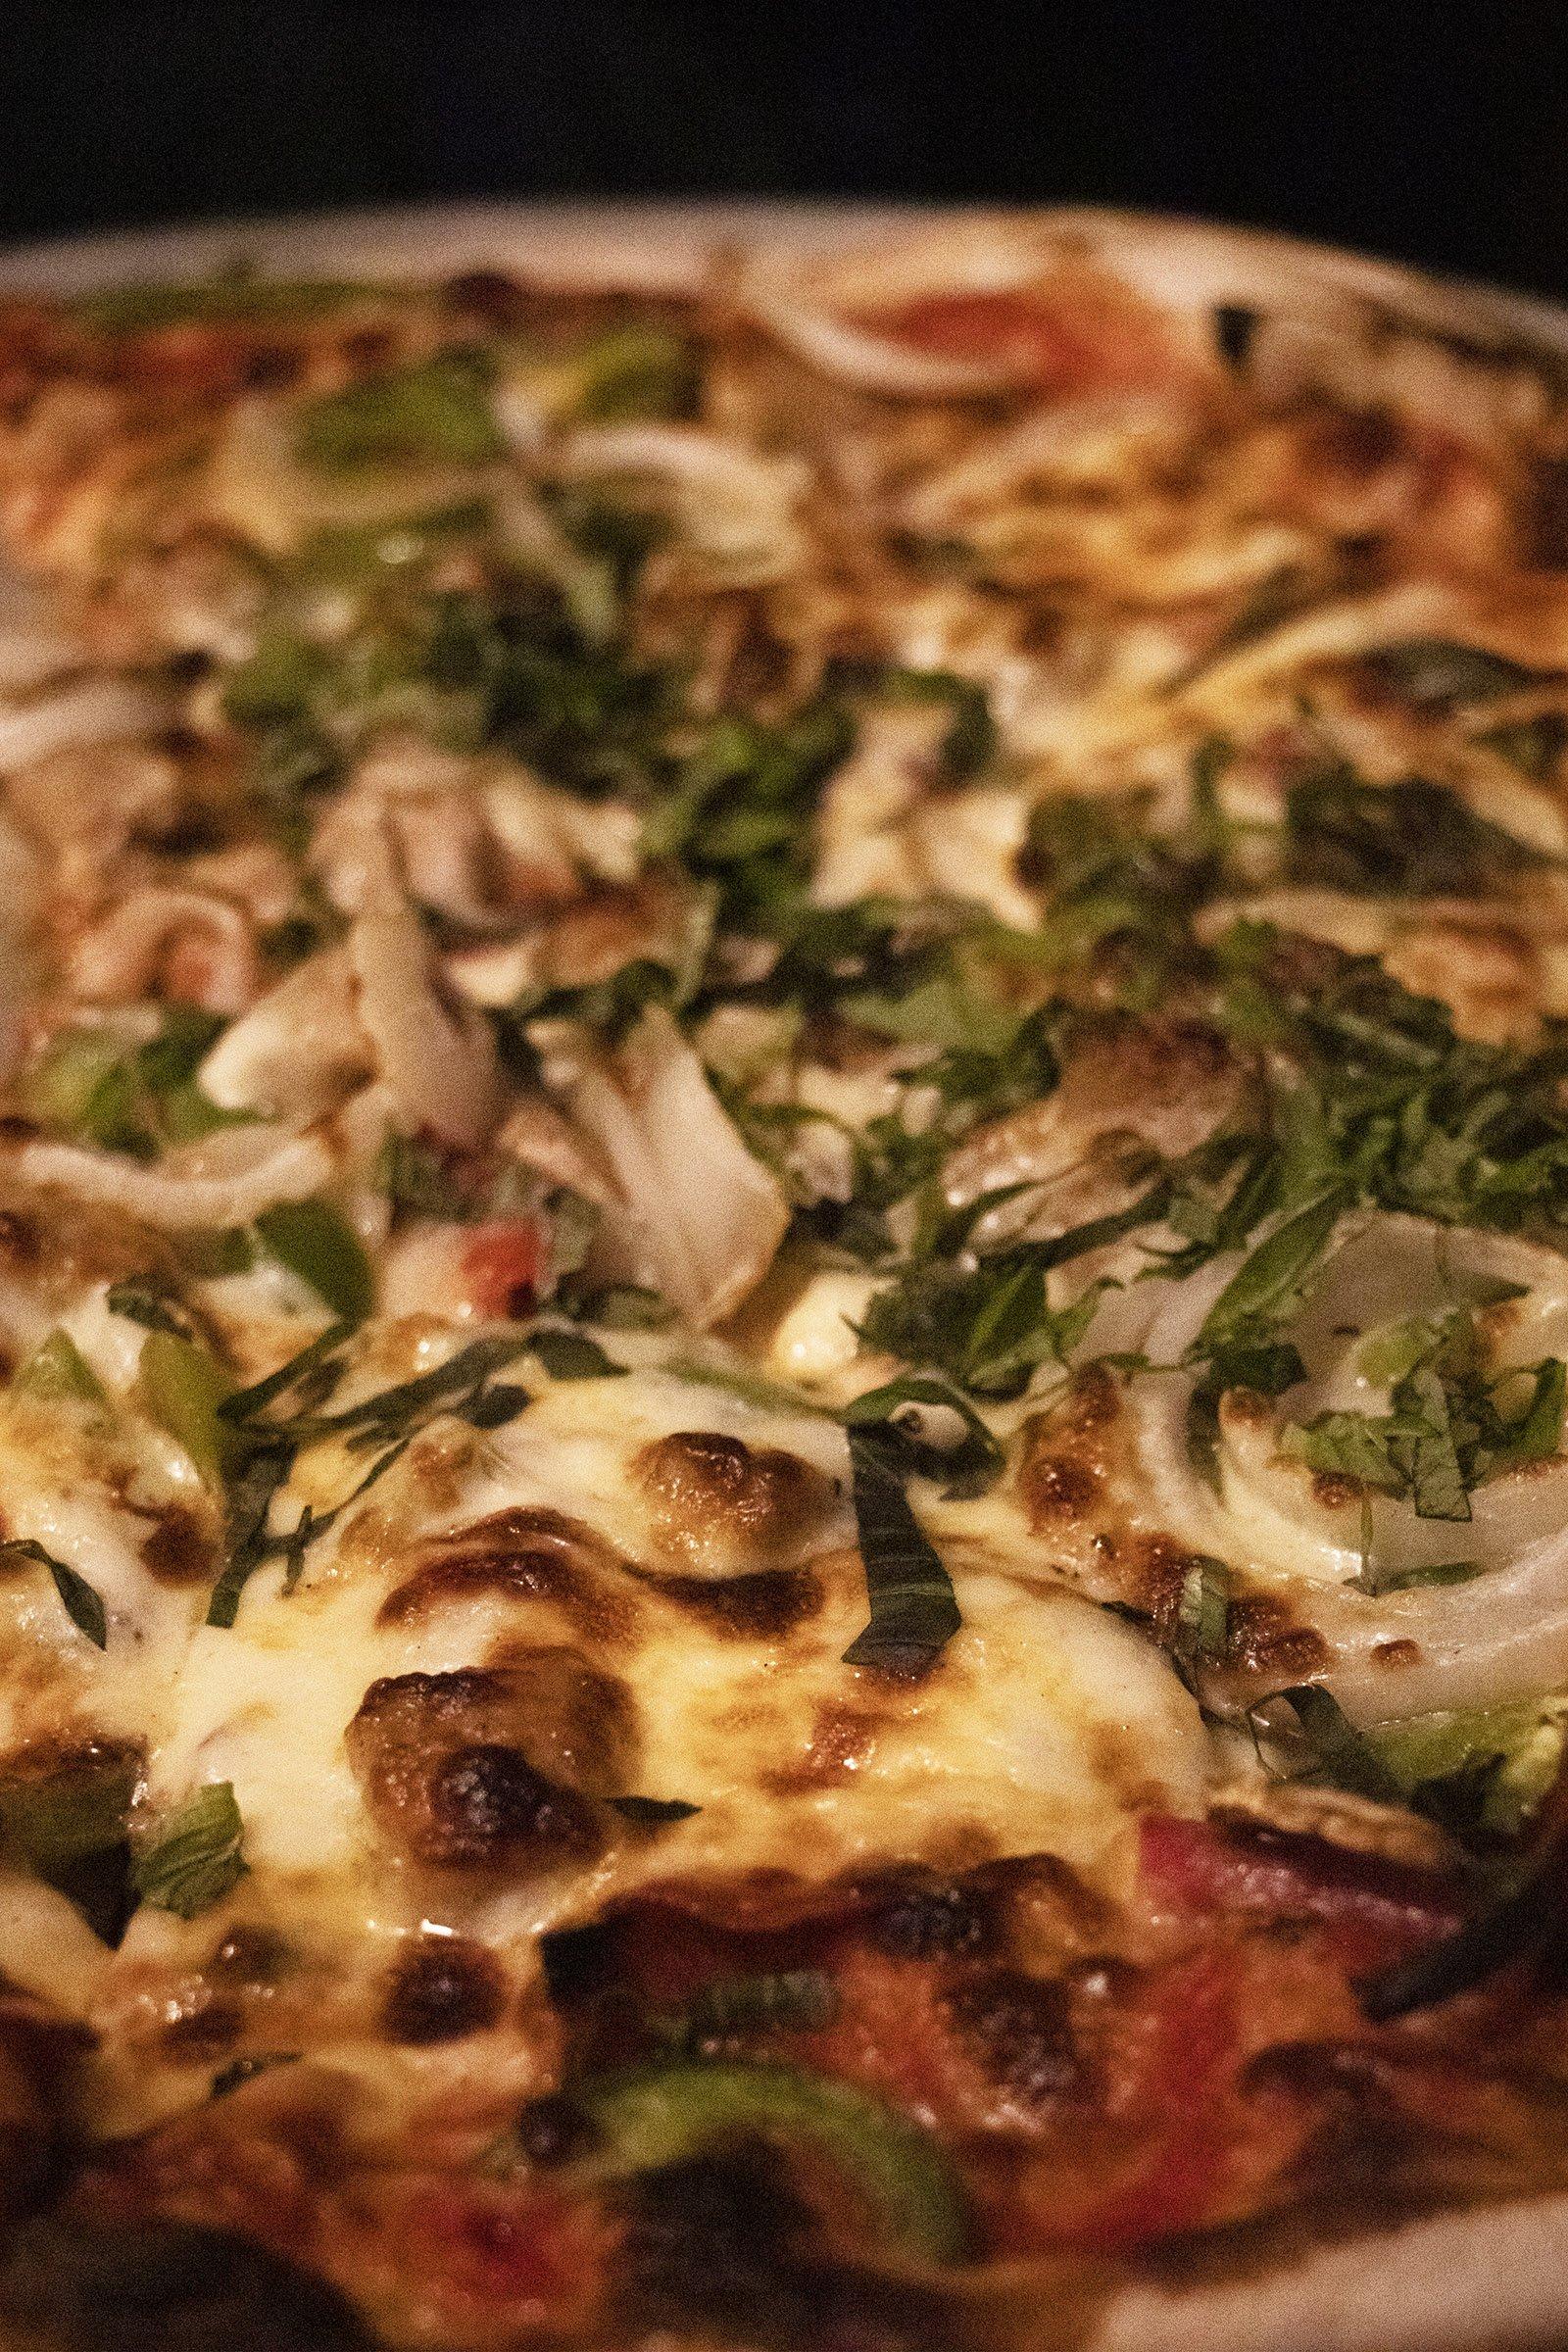 Pizza from Regina Pizzeria, Boston